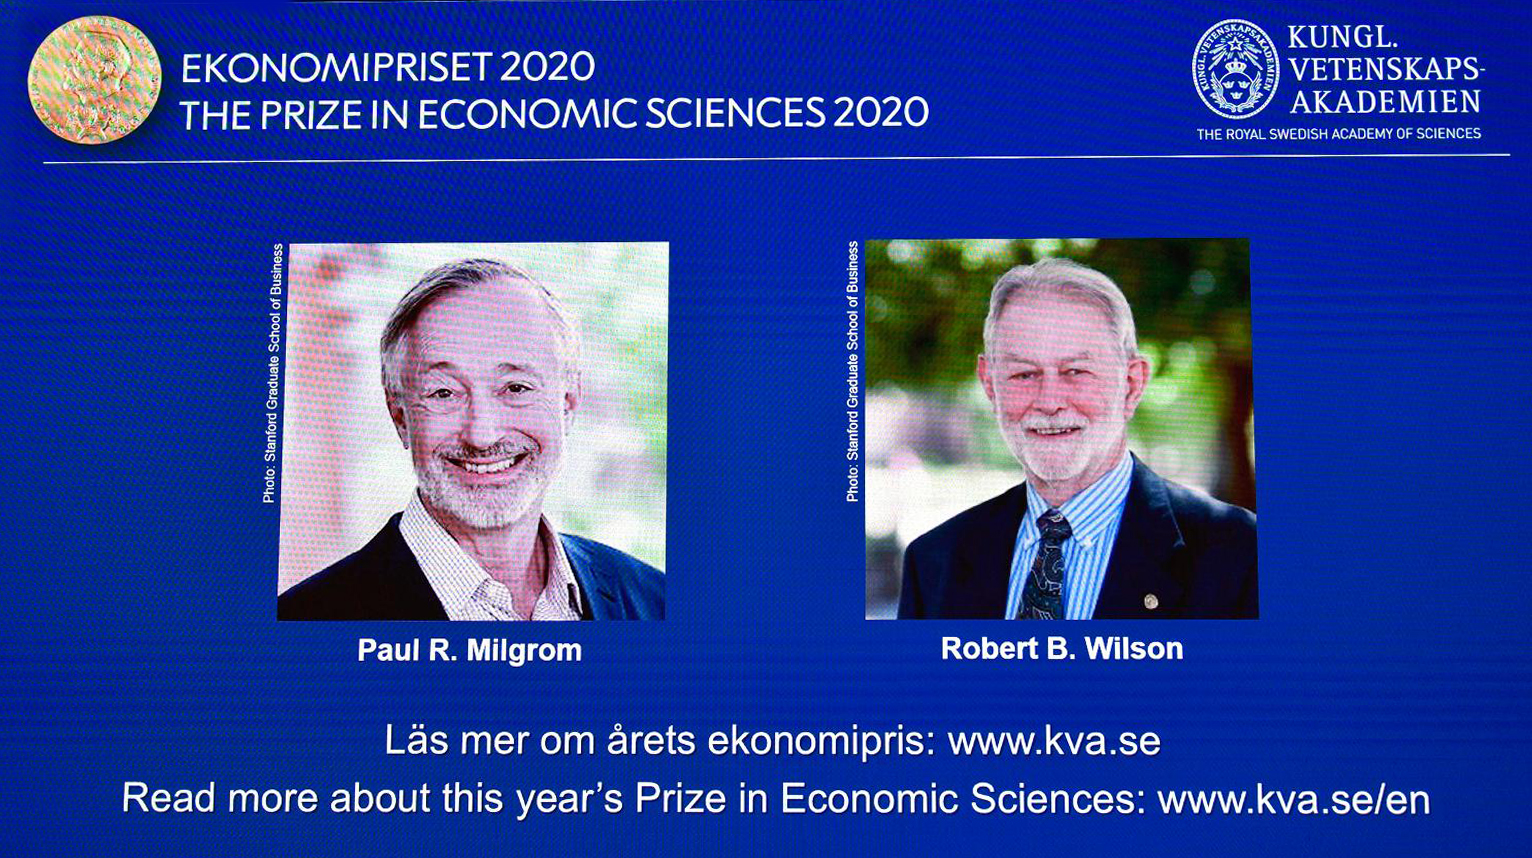 নতুন নিলাম পদ্ধতি আবিষ্কারে যৌথভাবে নোবেল পুরস্কারে ভূষিত দুই মার্কিন অর্থনীতিবিদ